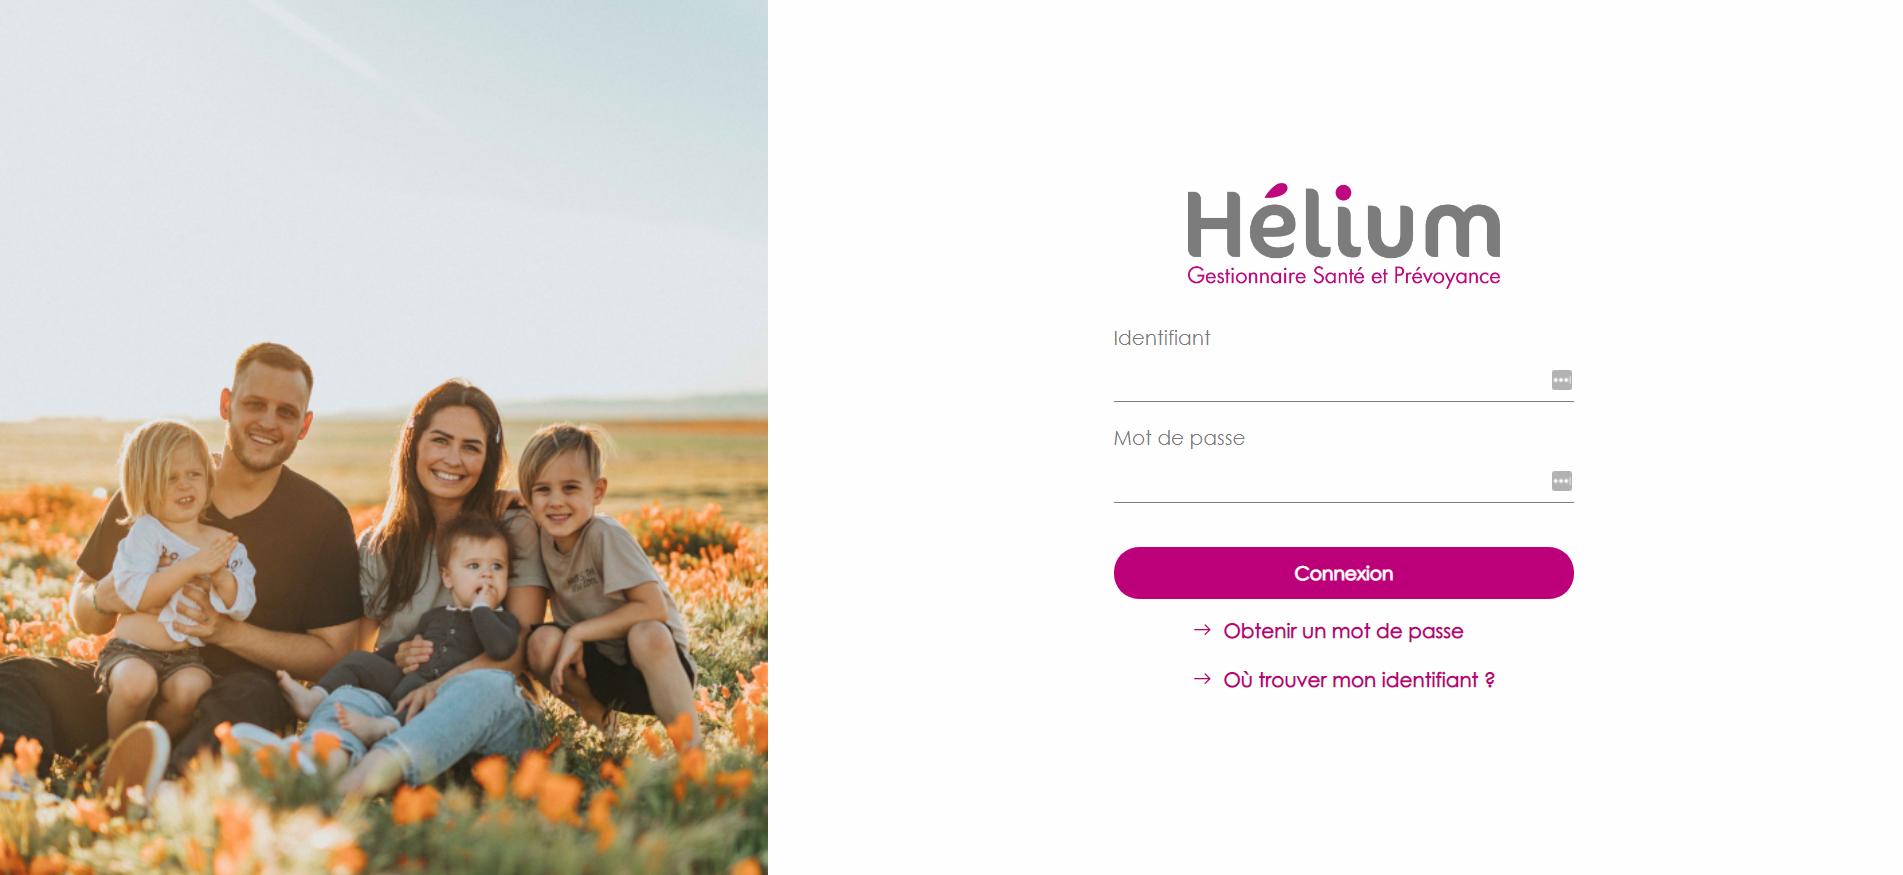 Helium Gestion Santé